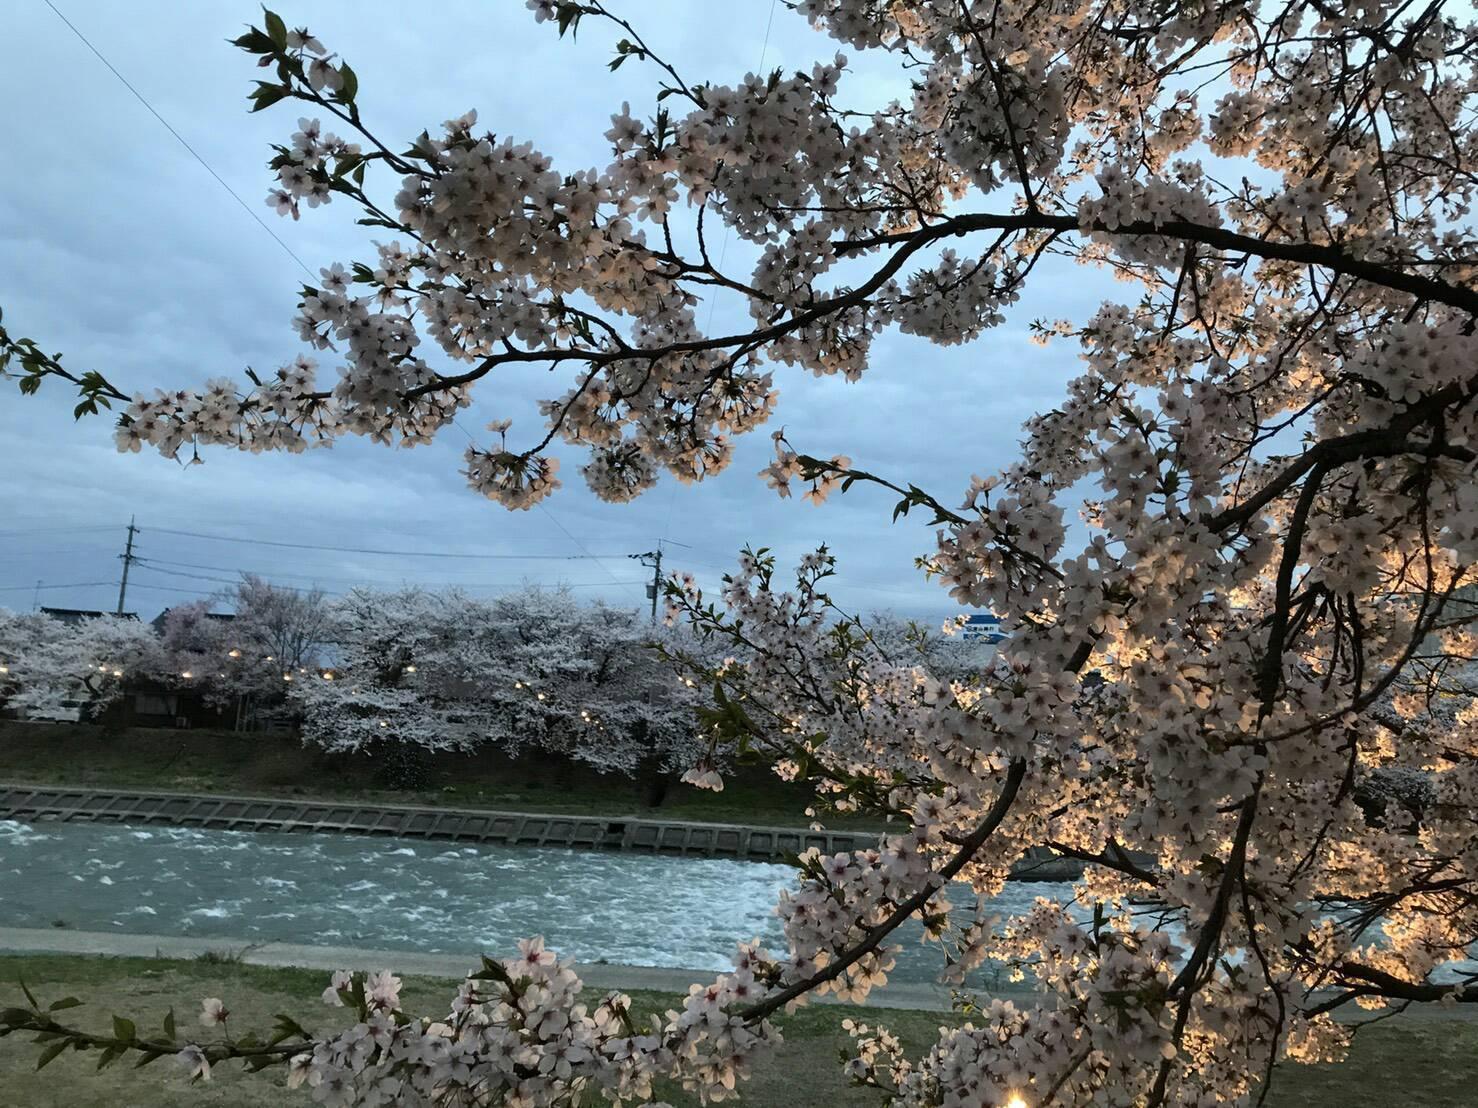 小坂八幡社 遷座祭(神様の引っ越し)_b0062748_10581921.jpg